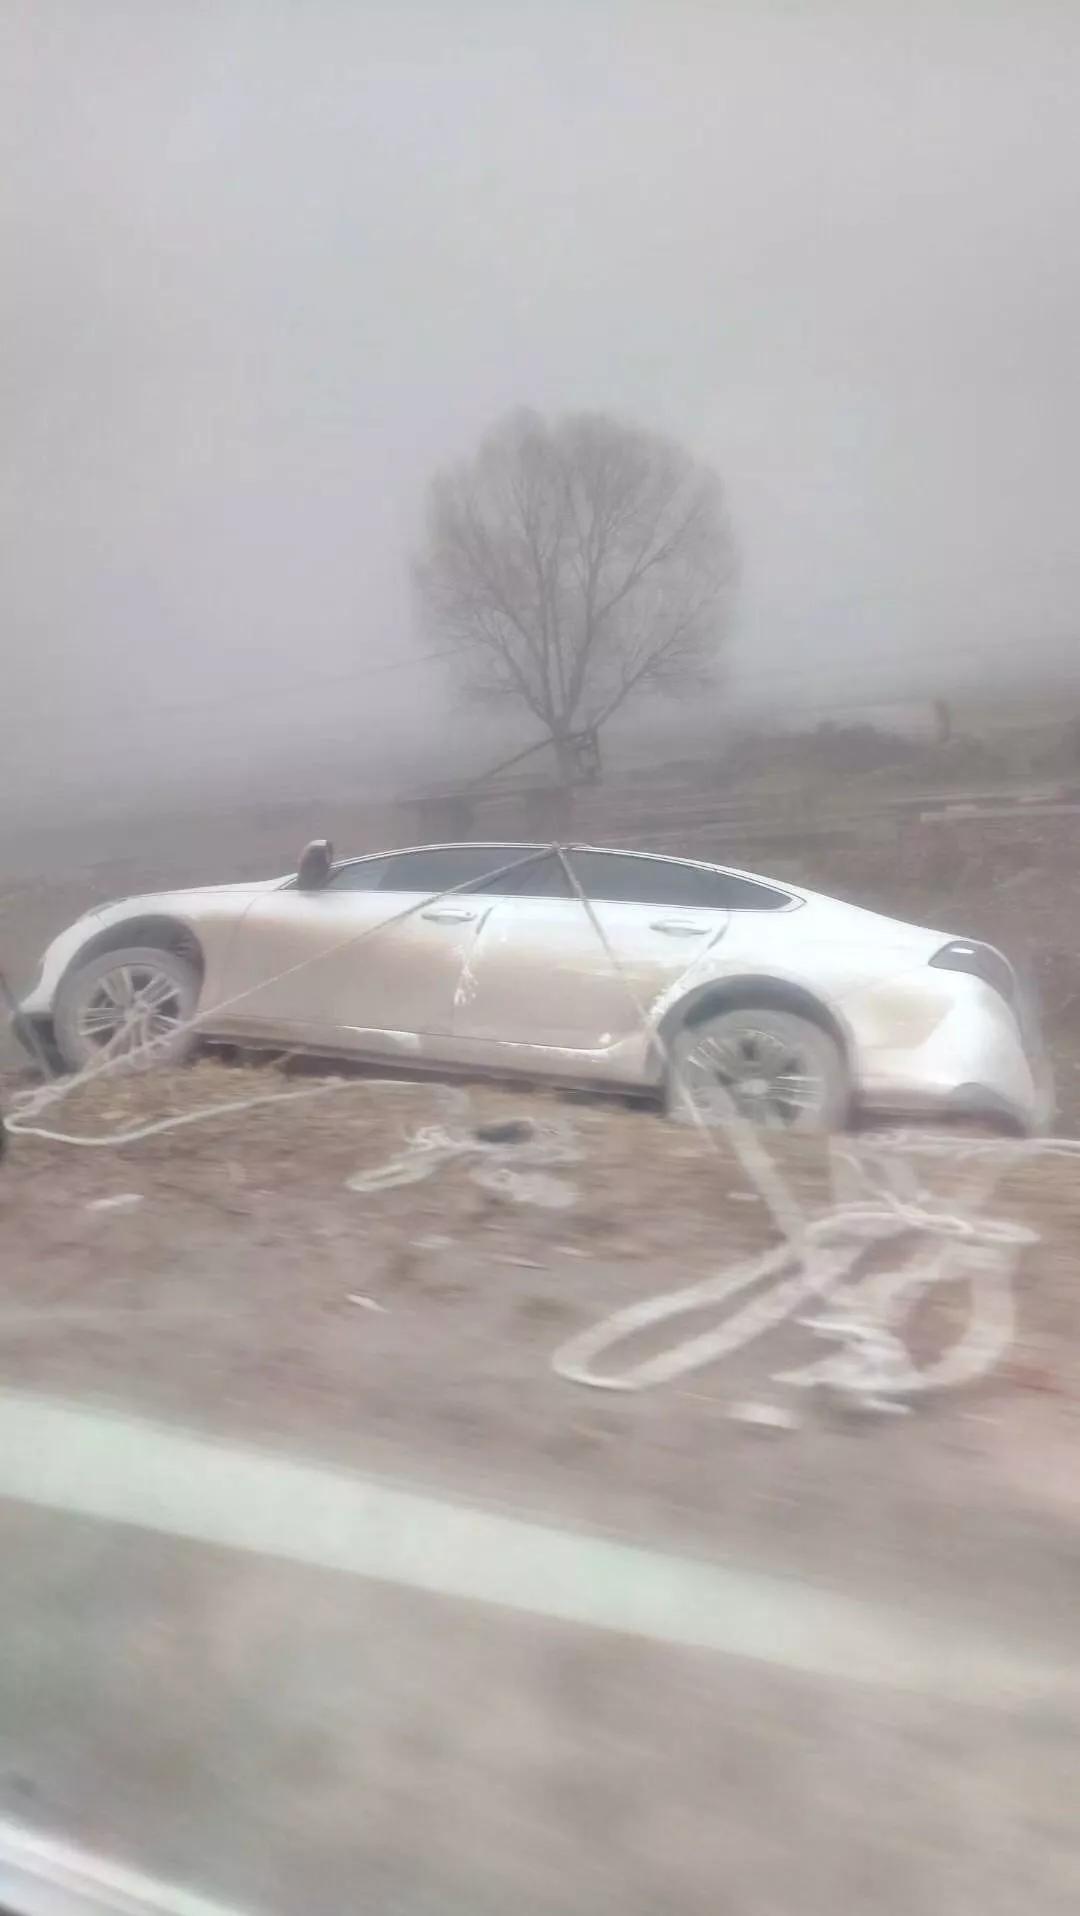 大雾锁城!驻马店一车主将车开进沟里...冷空气来消霾,新一轮雨雪已在路上